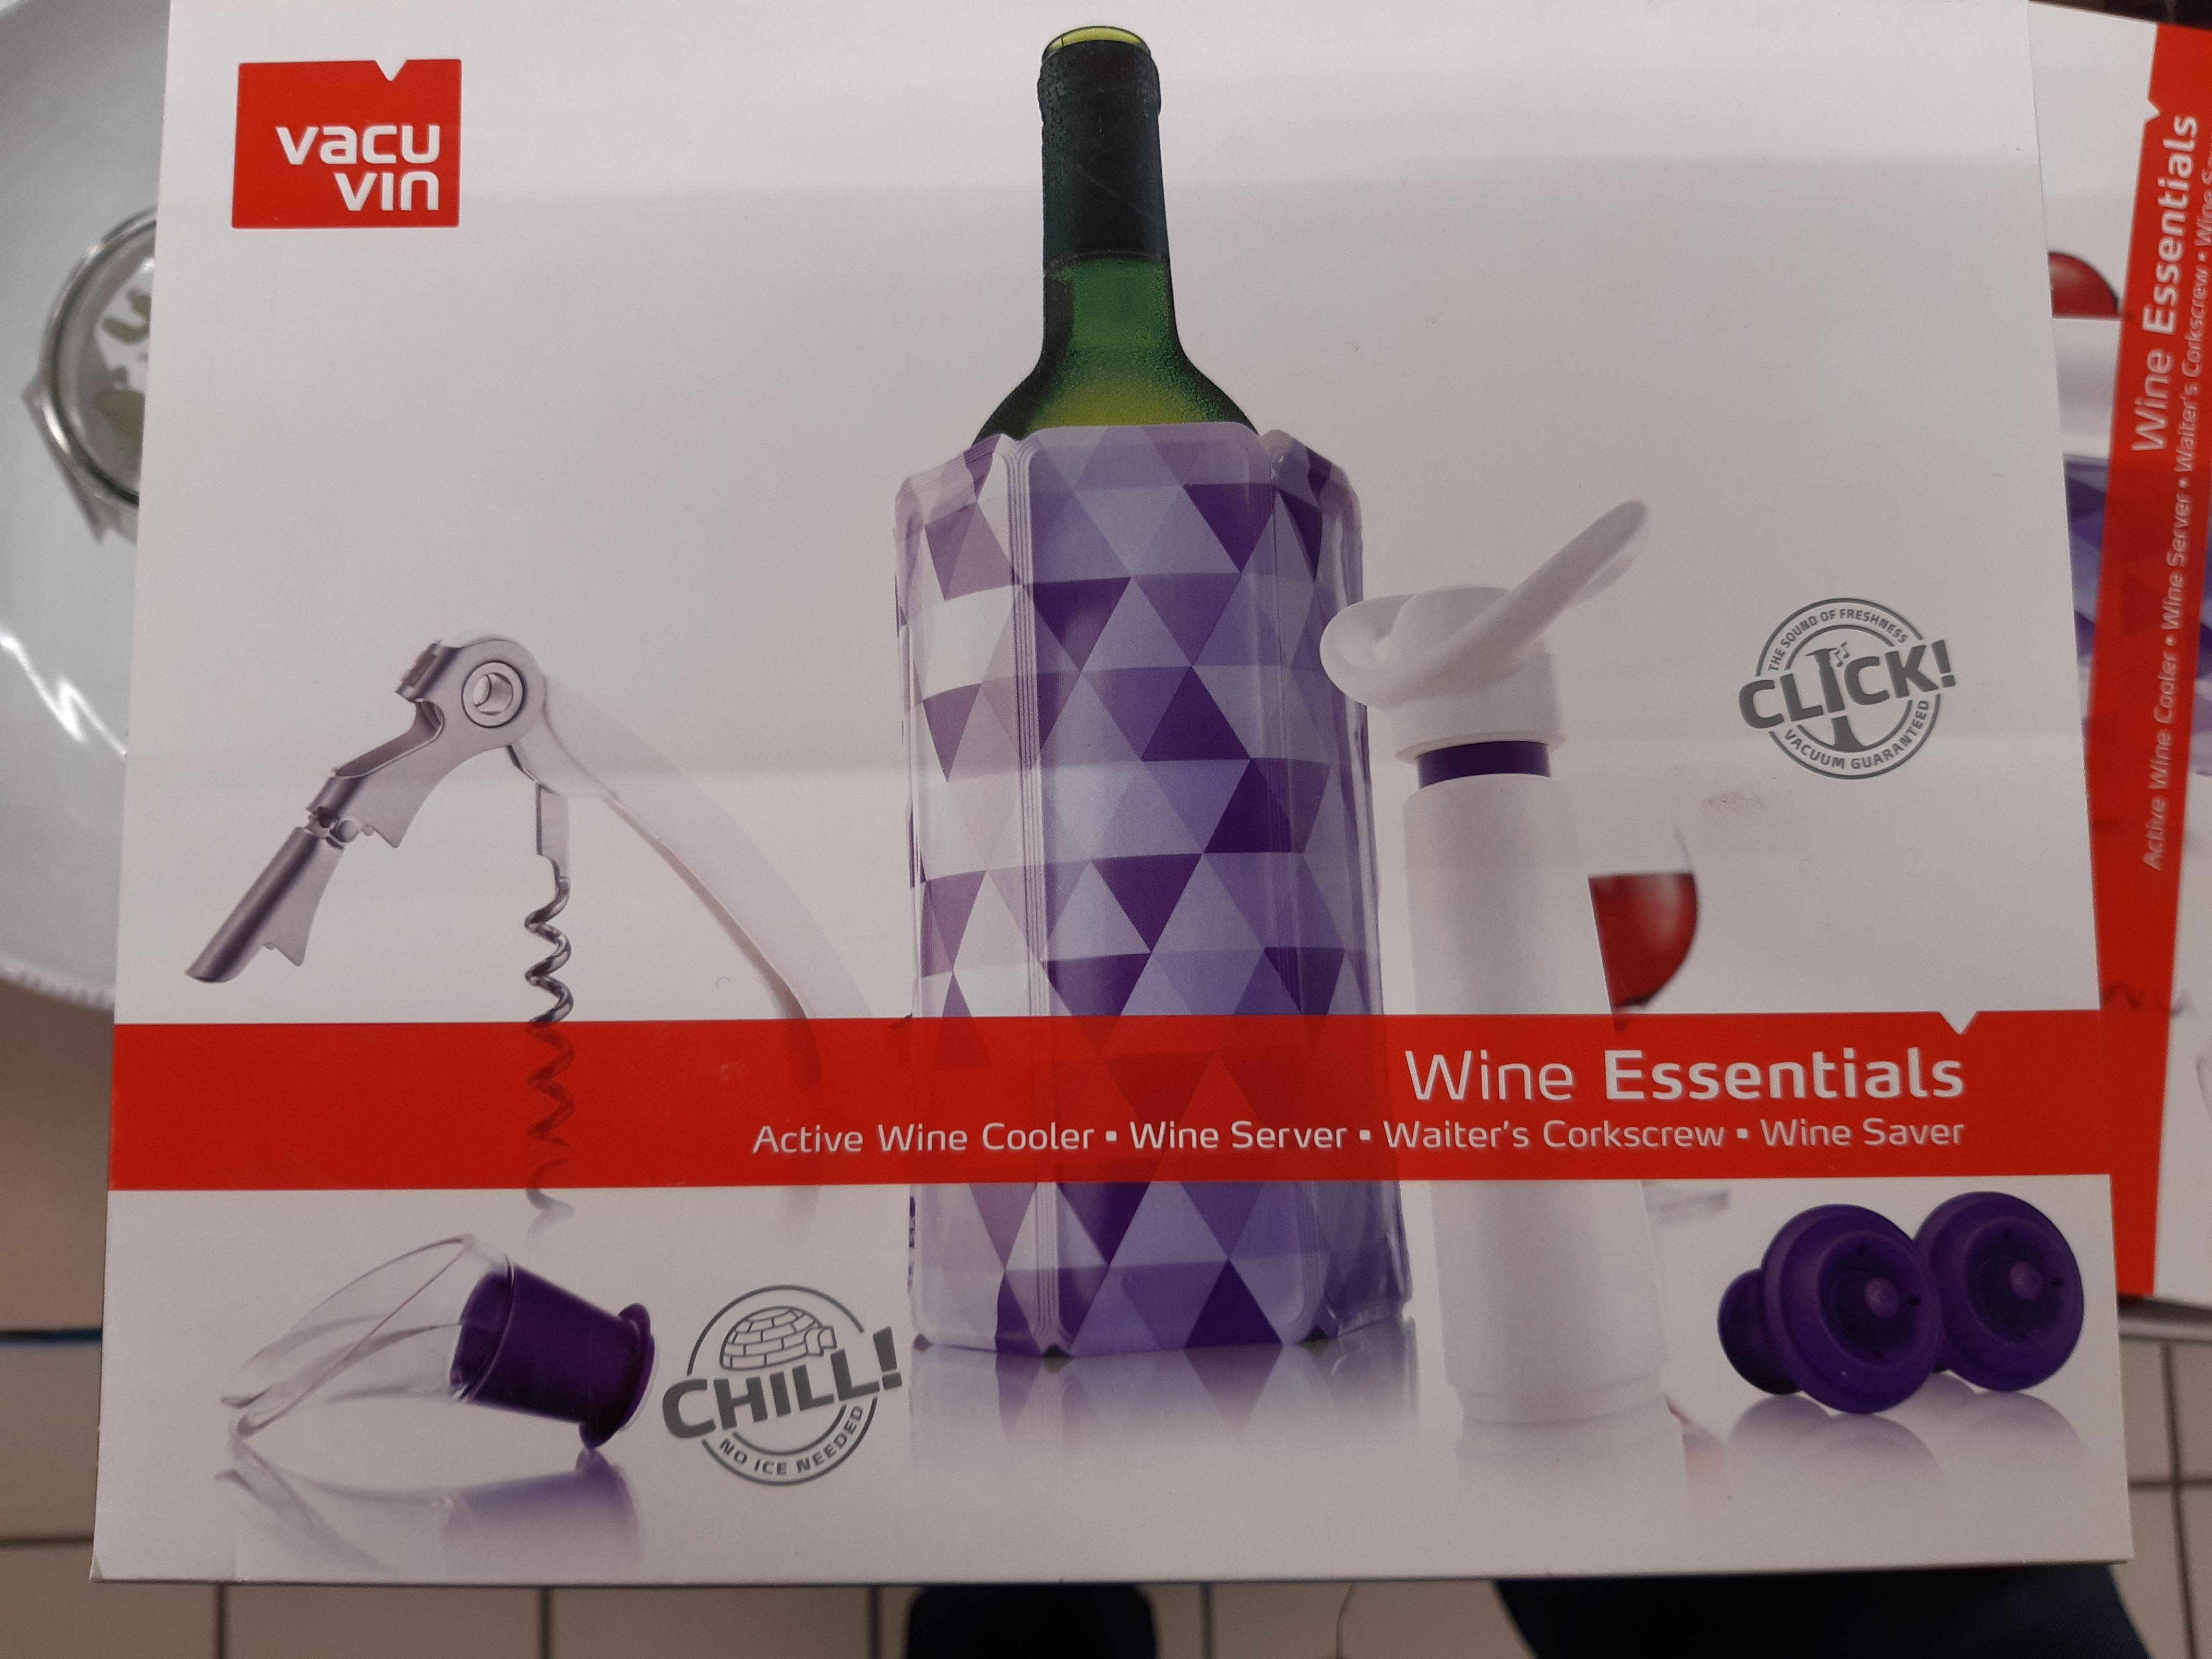 Coffret d'accessoires Vacuvin Wine Essentials - Changé (72)